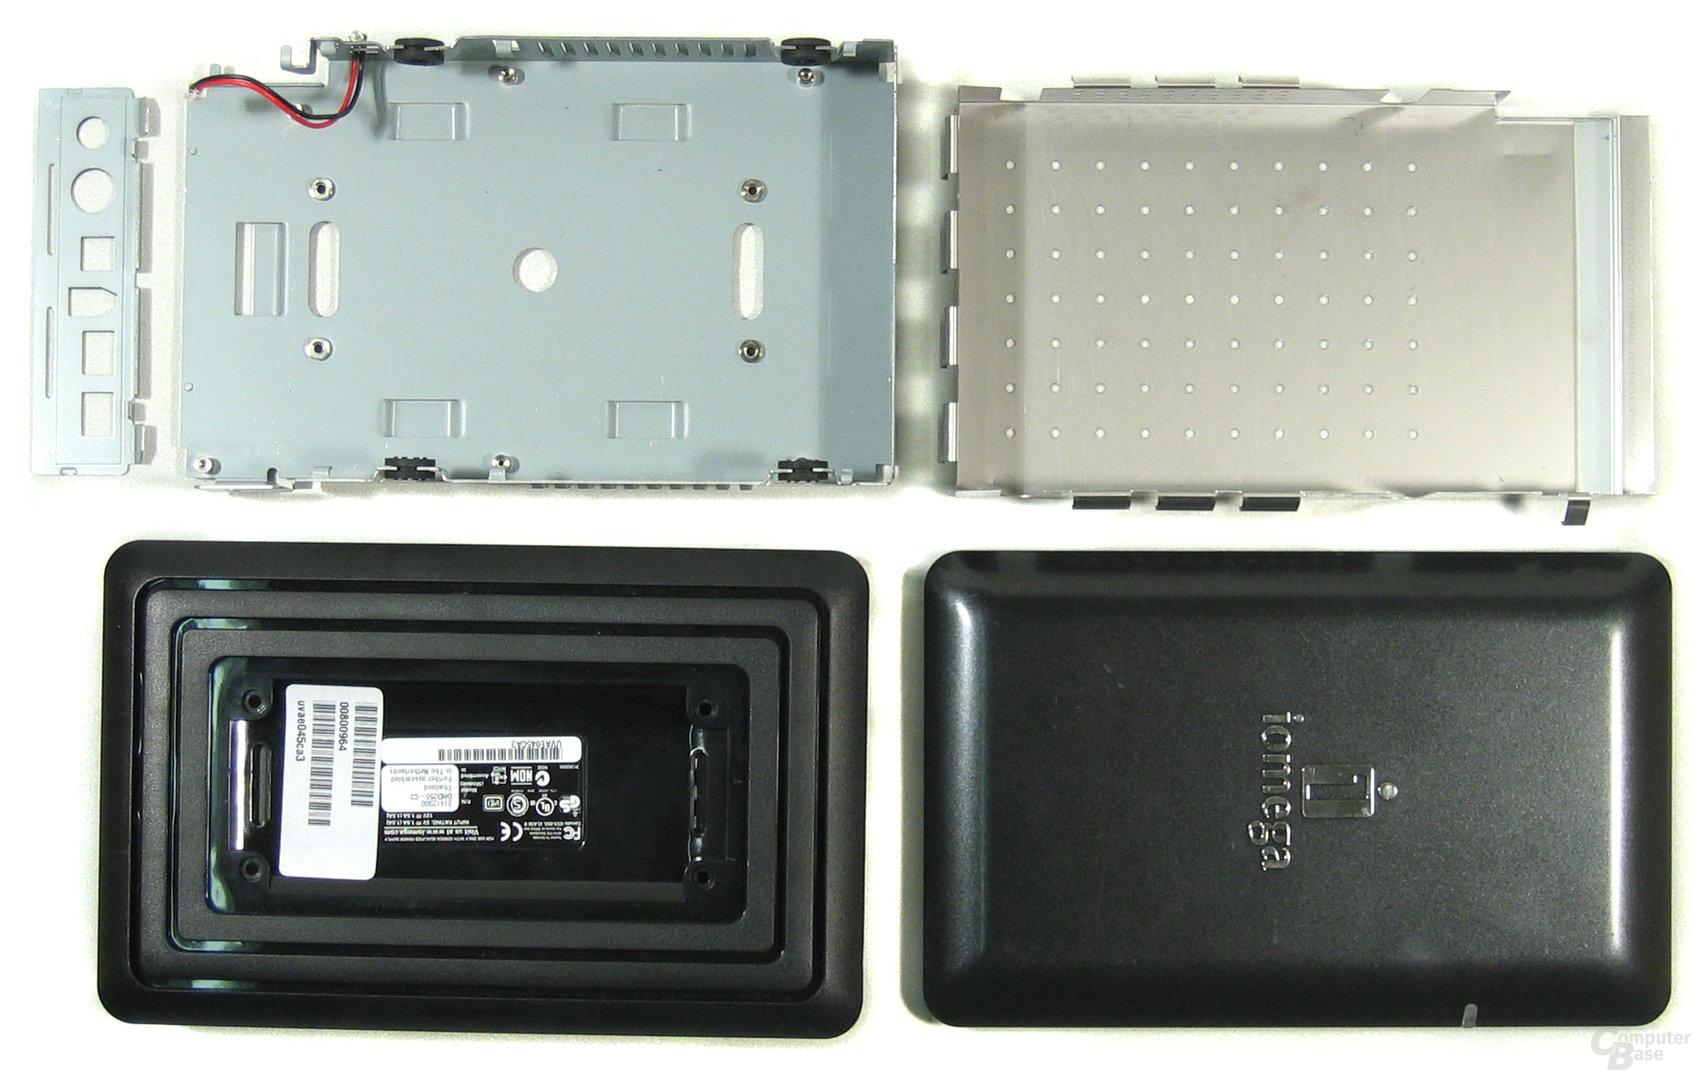 Iomega 250 GB